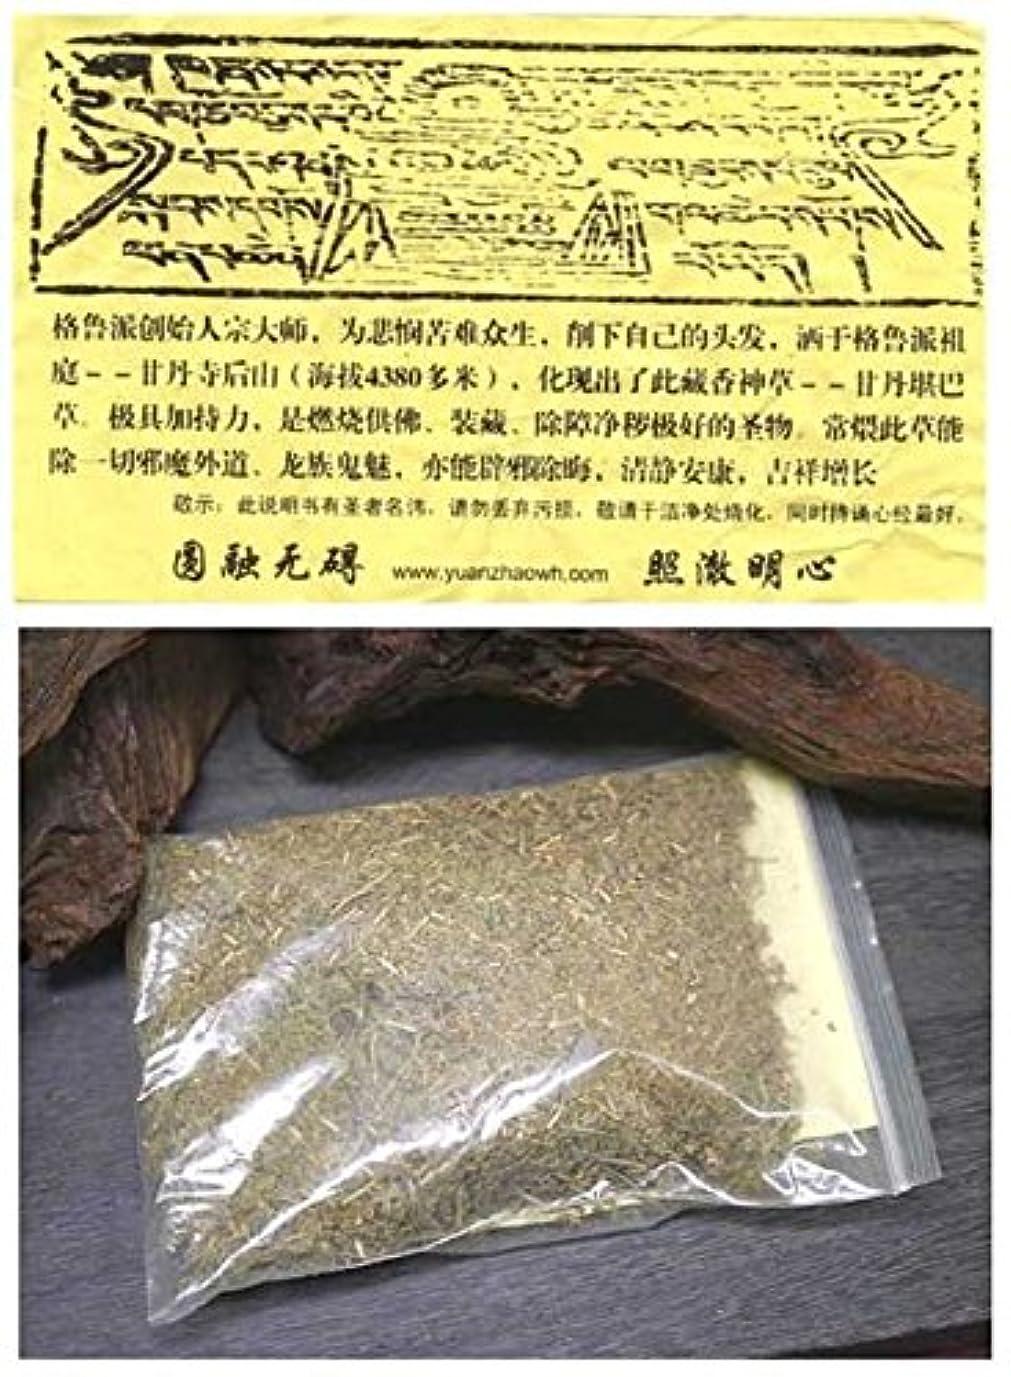 科学的征服する小麦粉照文化 チベットのガンデン寺近くで採取される神草のお香【甘丹堪巴草】 照文化